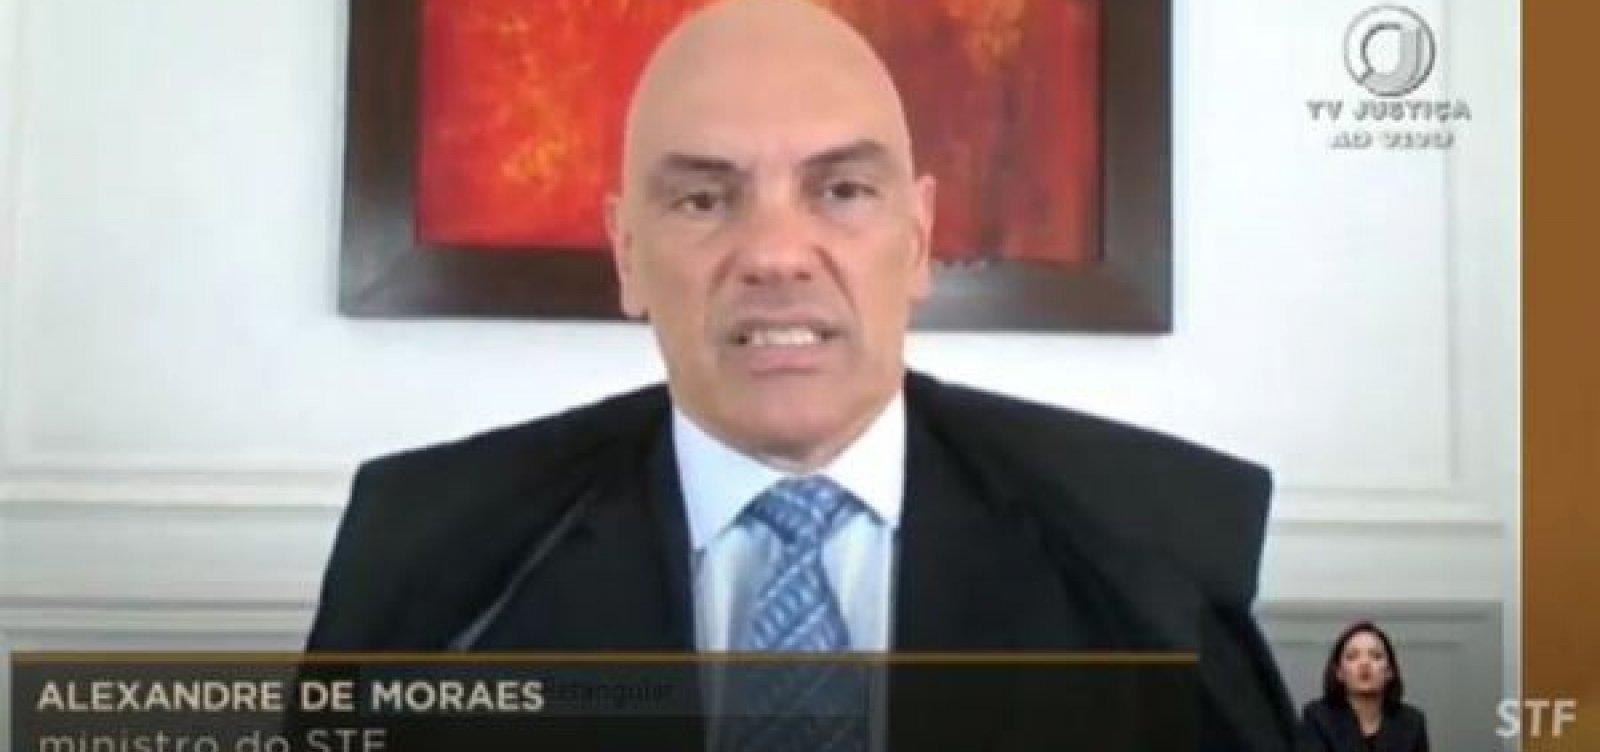 Por unanimidade, ministros do STF decidem manter prisão do deputado Daniel Silveira